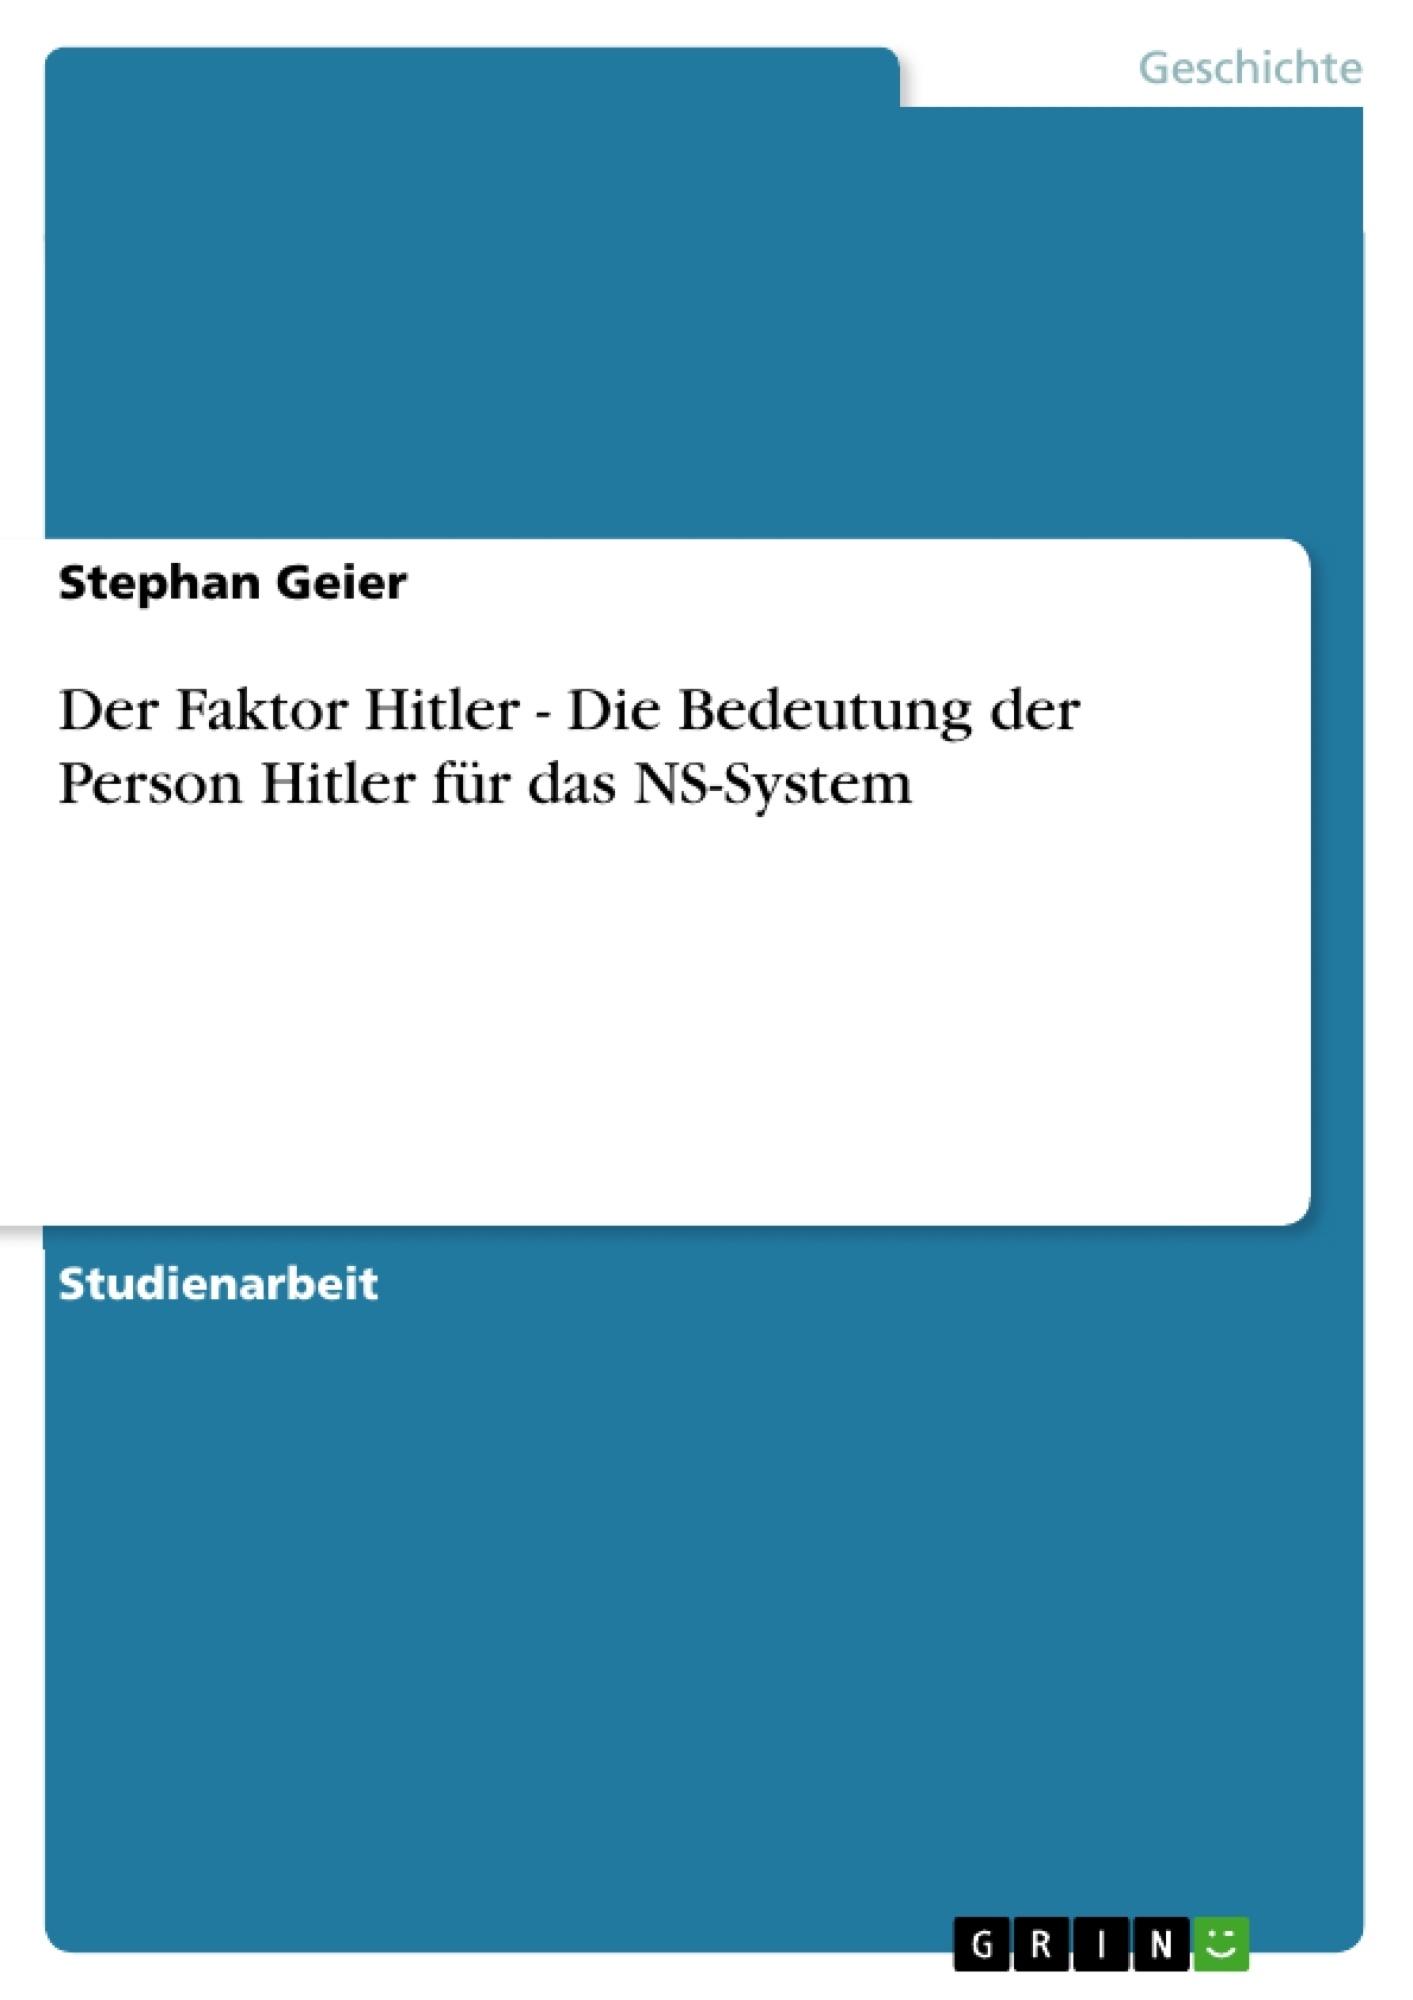 Titel: Der Faktor Hitler - Die Bedeutung der Person Hitler für das NS-System